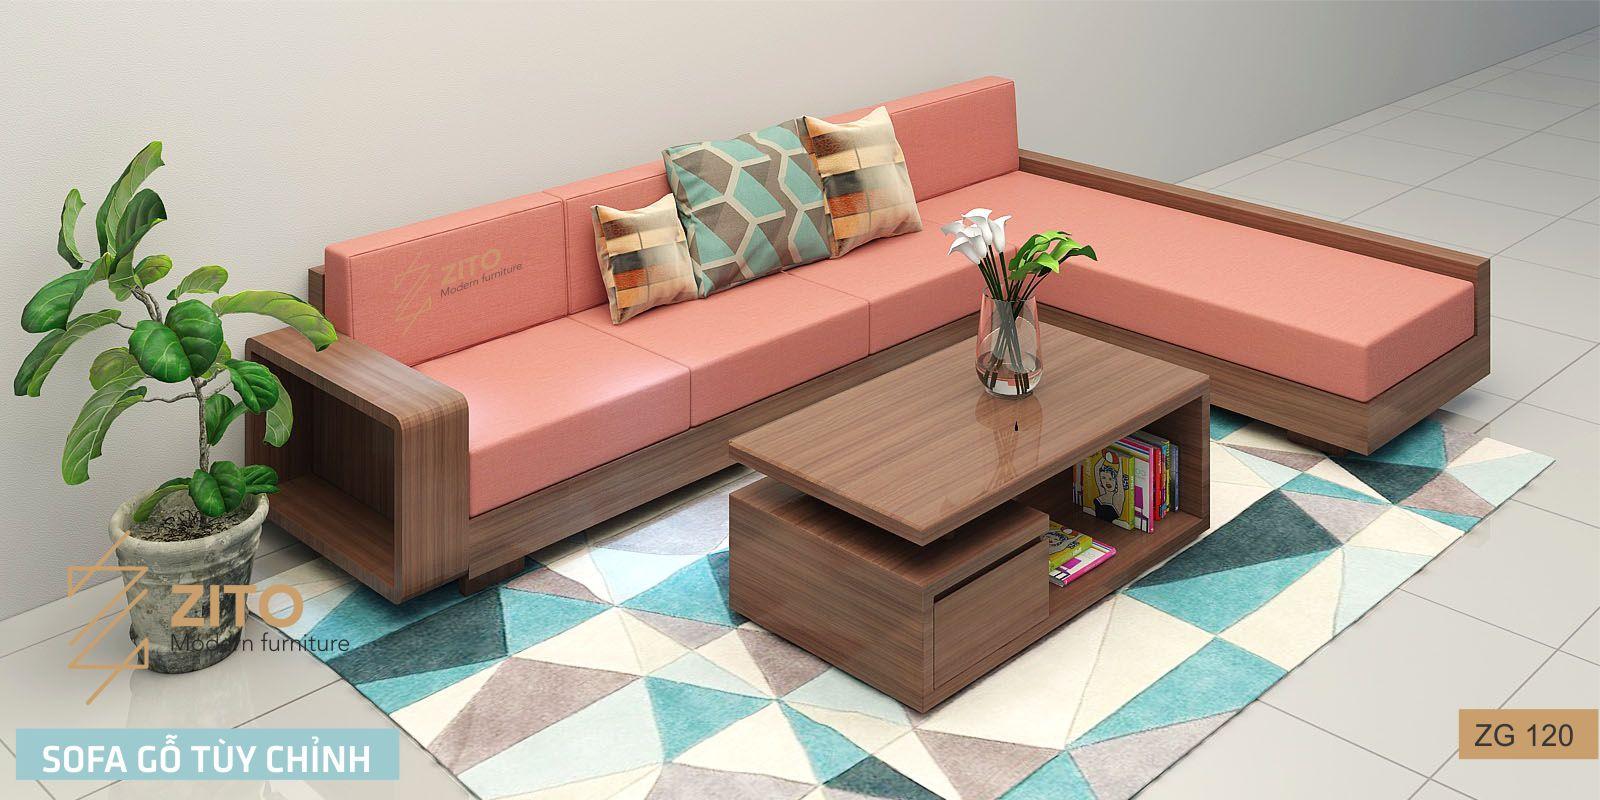 sofa gỗ zg 120 kiểu dáng hiện đại